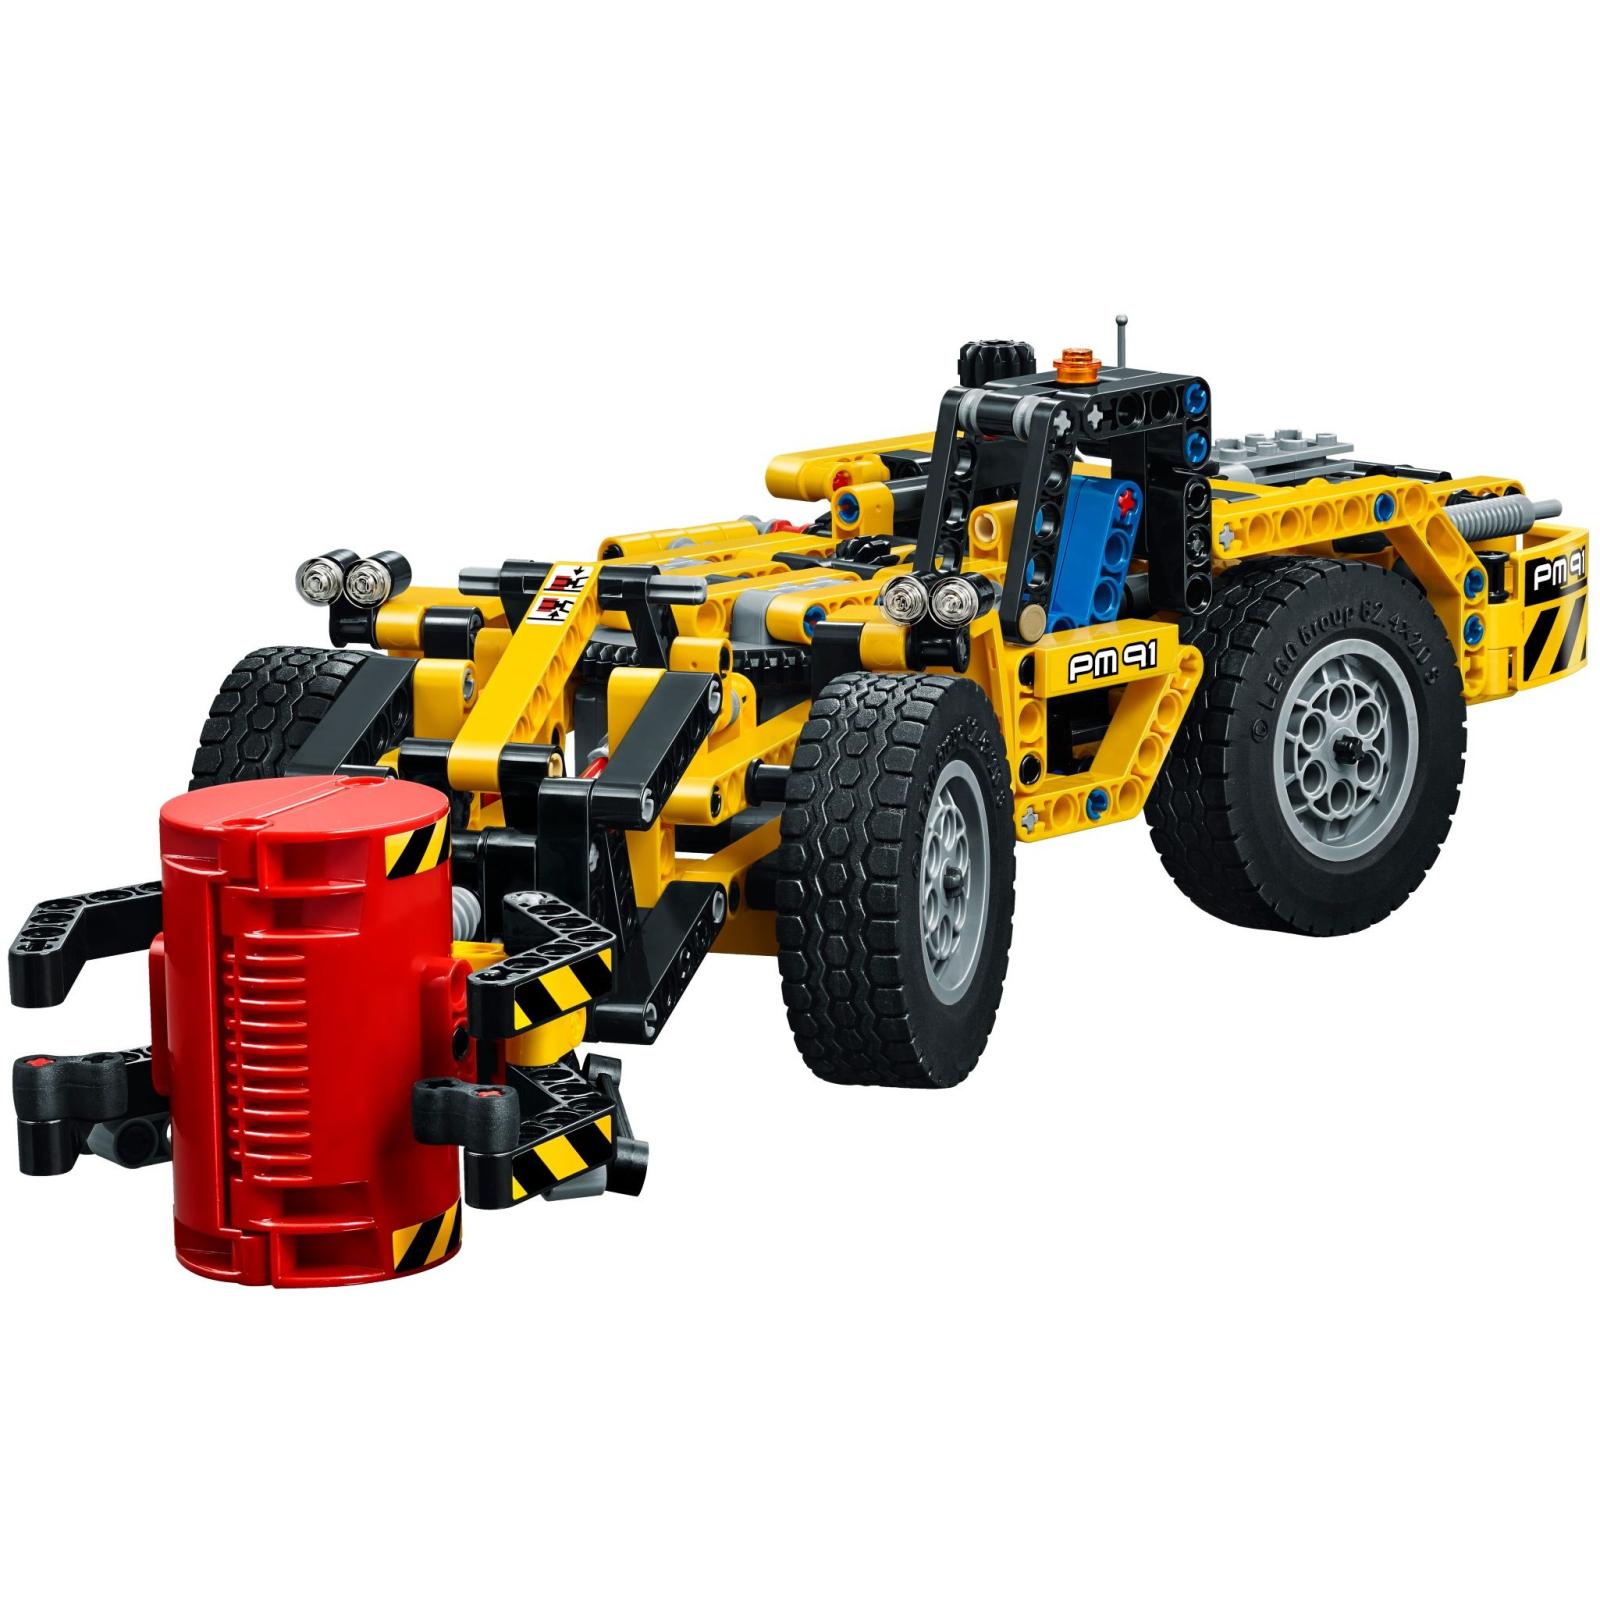 Конструктор LEGO Technic Карьерный погрузчик (42049) изображение 3